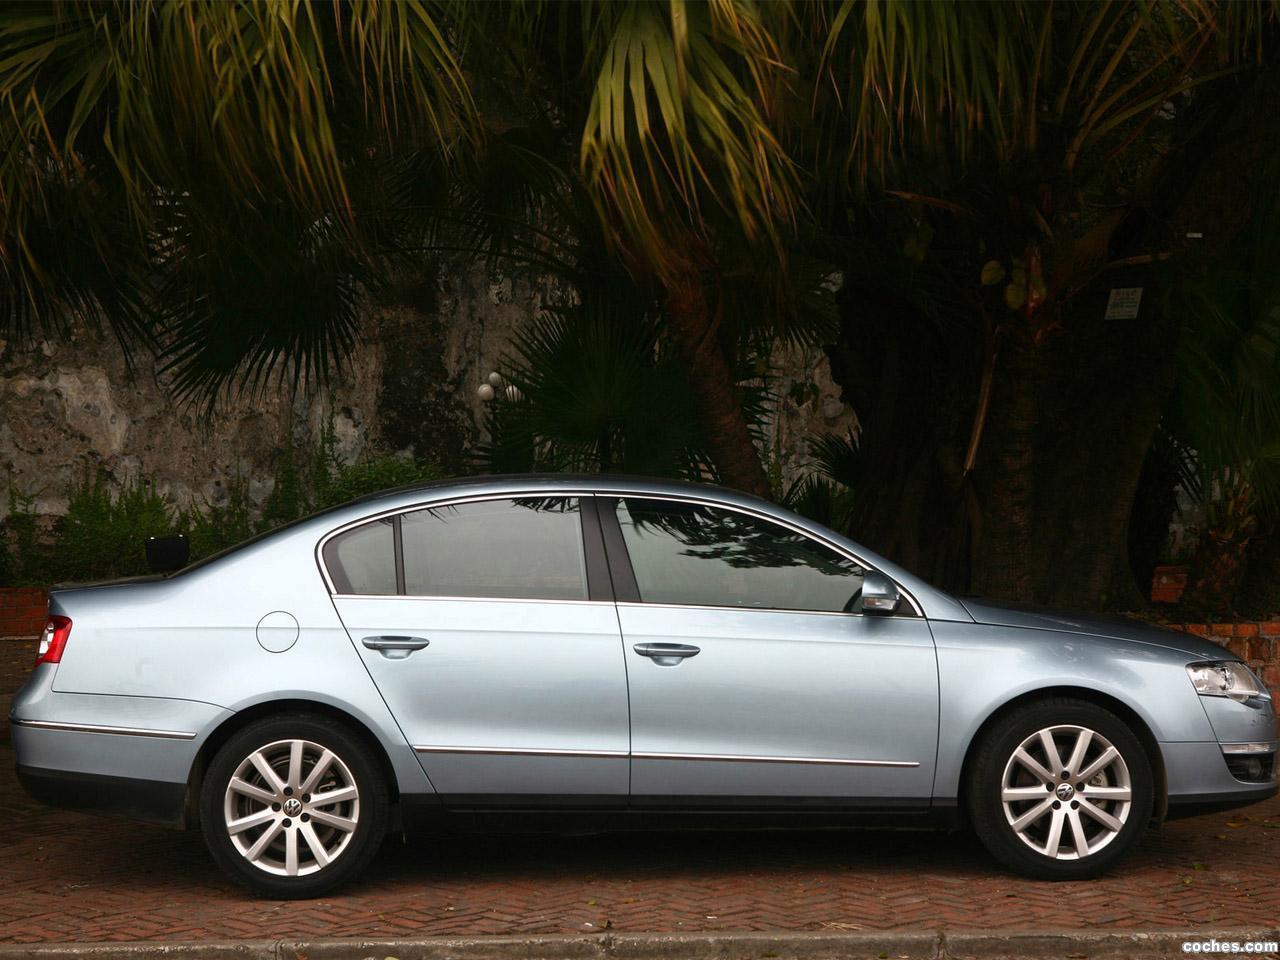 Foto 1 de Volkswagen Magotan China 2007